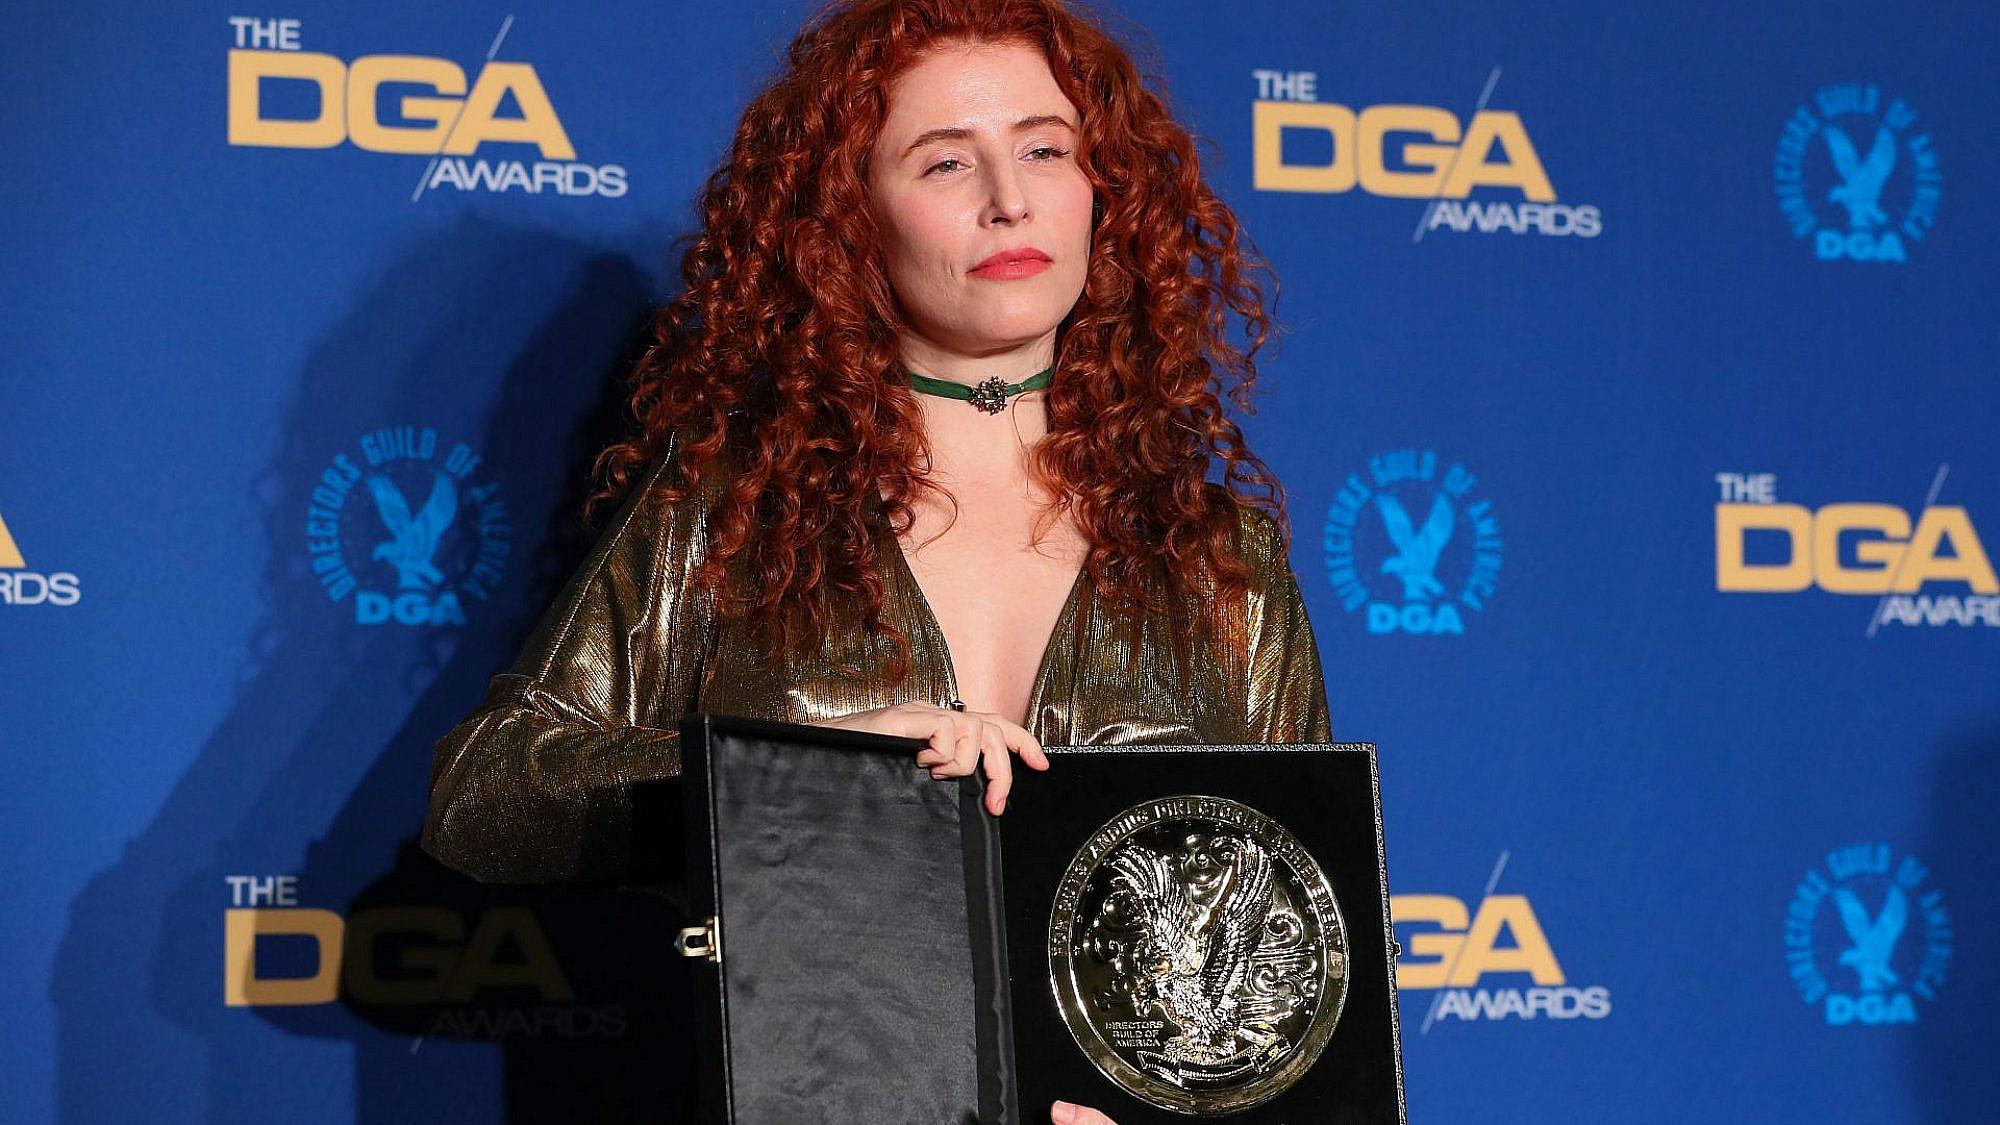 עלמה הראל בטקס גילדת הבמאים האמריקאית (צילום: ג'ין בפטיסט לקרויקס, גטי אימג'ס)